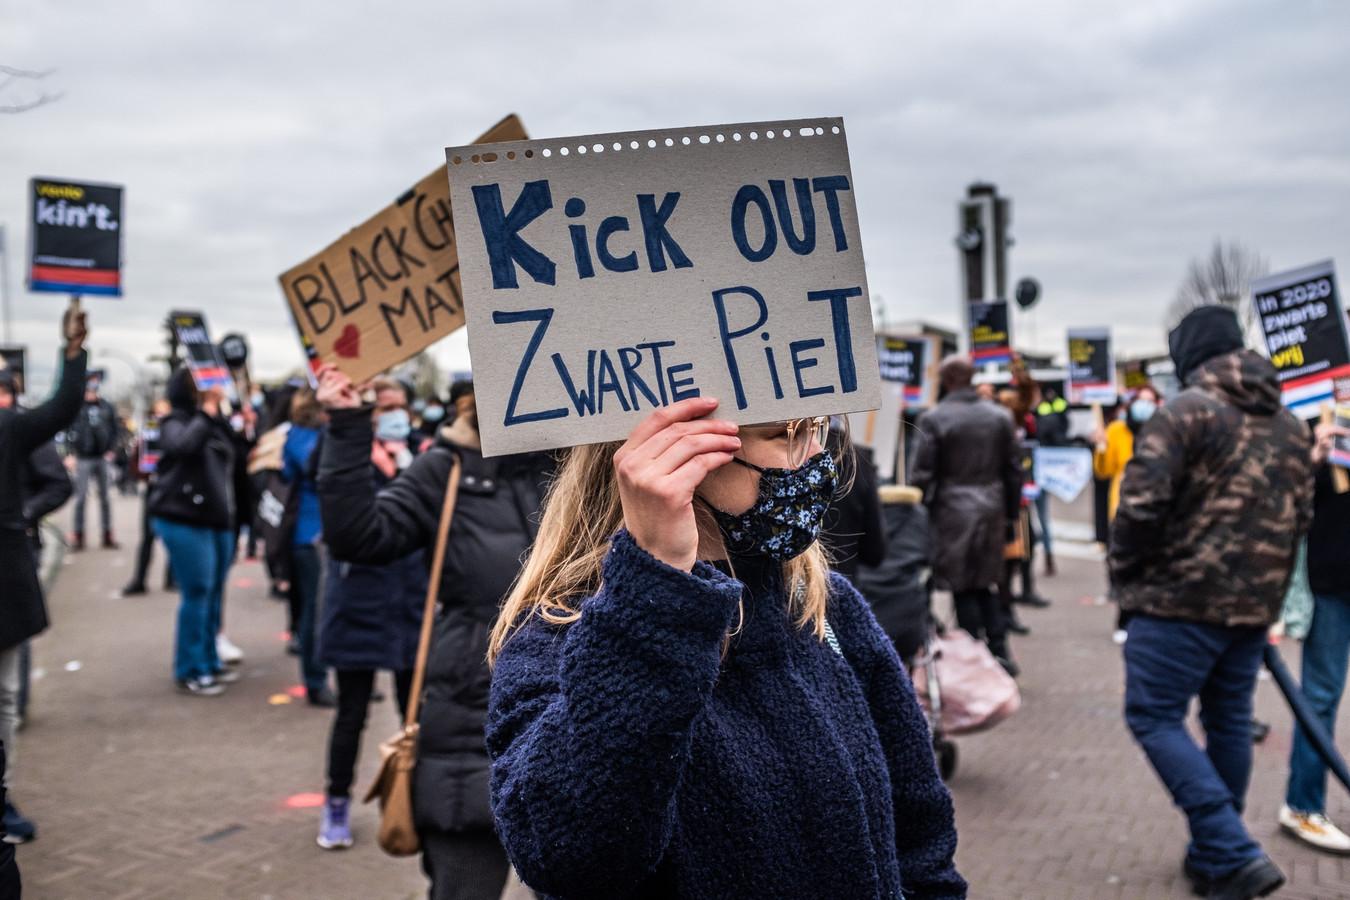 De actiegroep Kick Out Zwarte Piet voerde in november vorig jaar actie in Venlo.